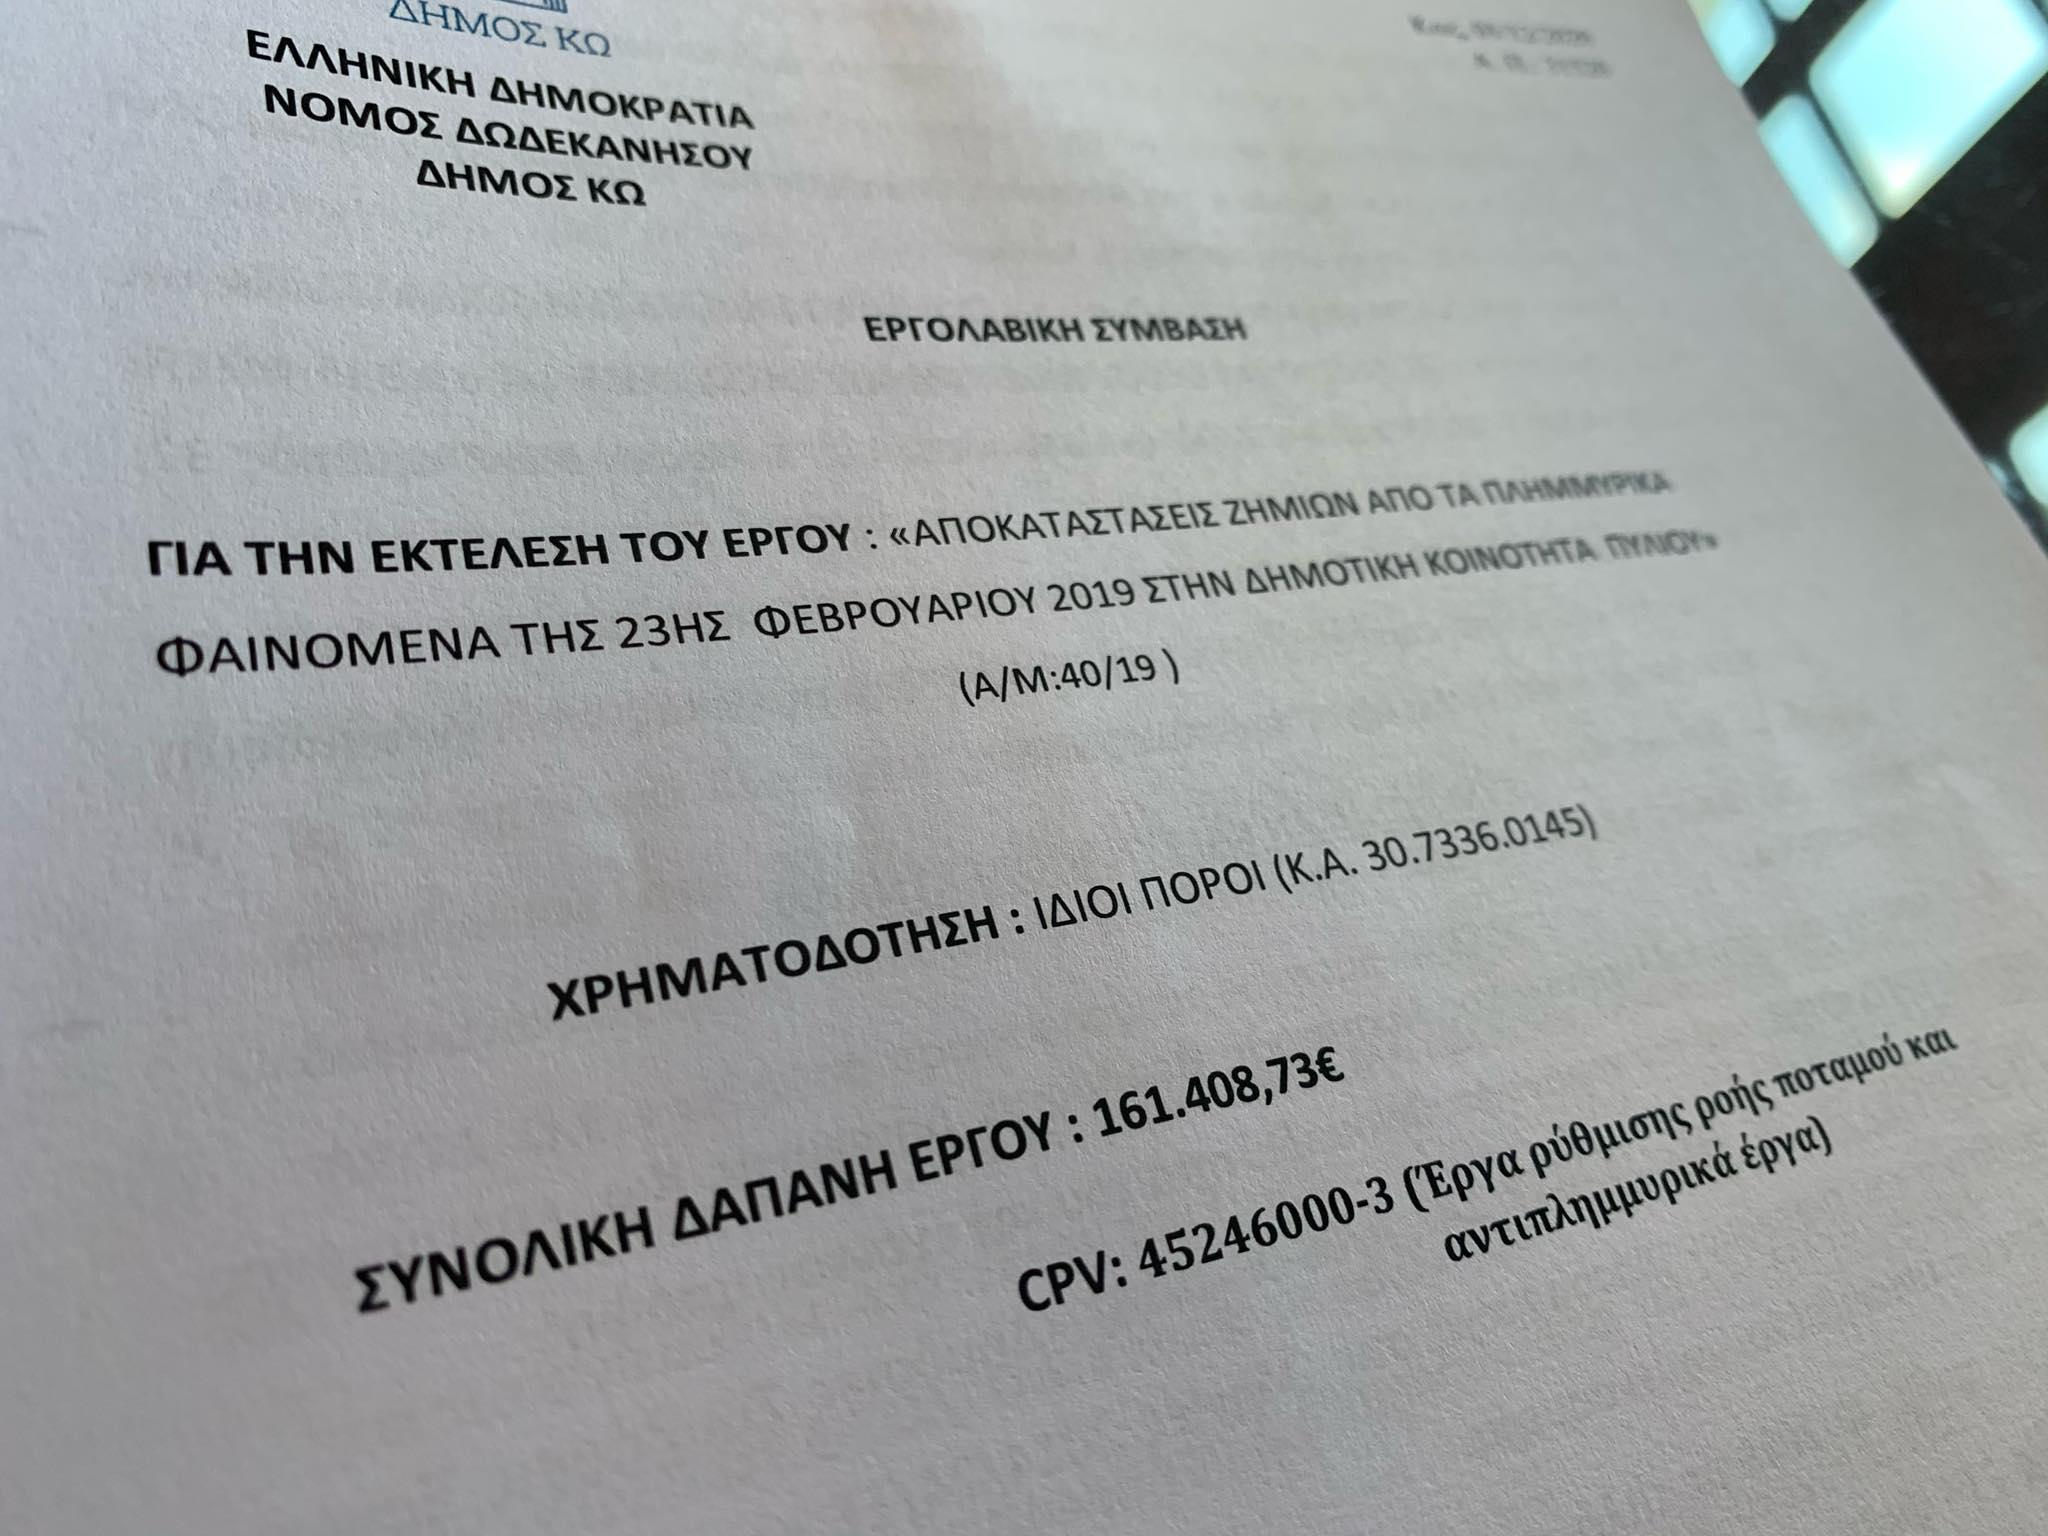 ΠΥΛΙ εργολαβική σύμβαση αντιπλημμυρικού έργου.jpg